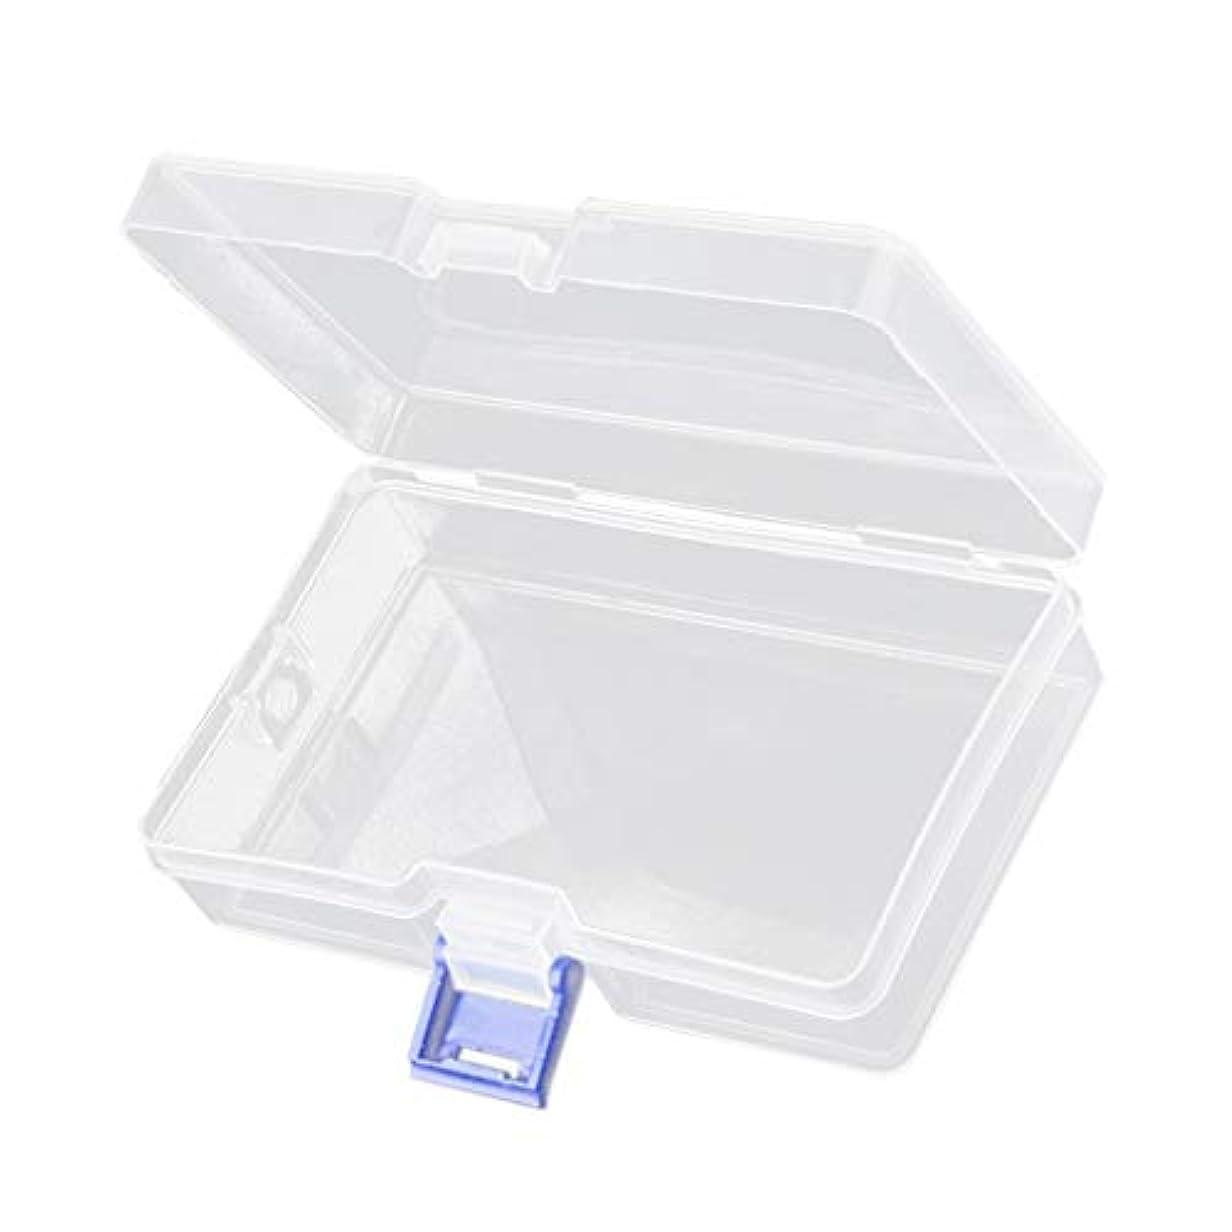 漏れ無視電気のT TOOYFUL ネイルアート用品ボックス収納容器ジュエリービーズ化粧品ケースオーガナイザー、14.5 X 8.5 X 3.5 Cm